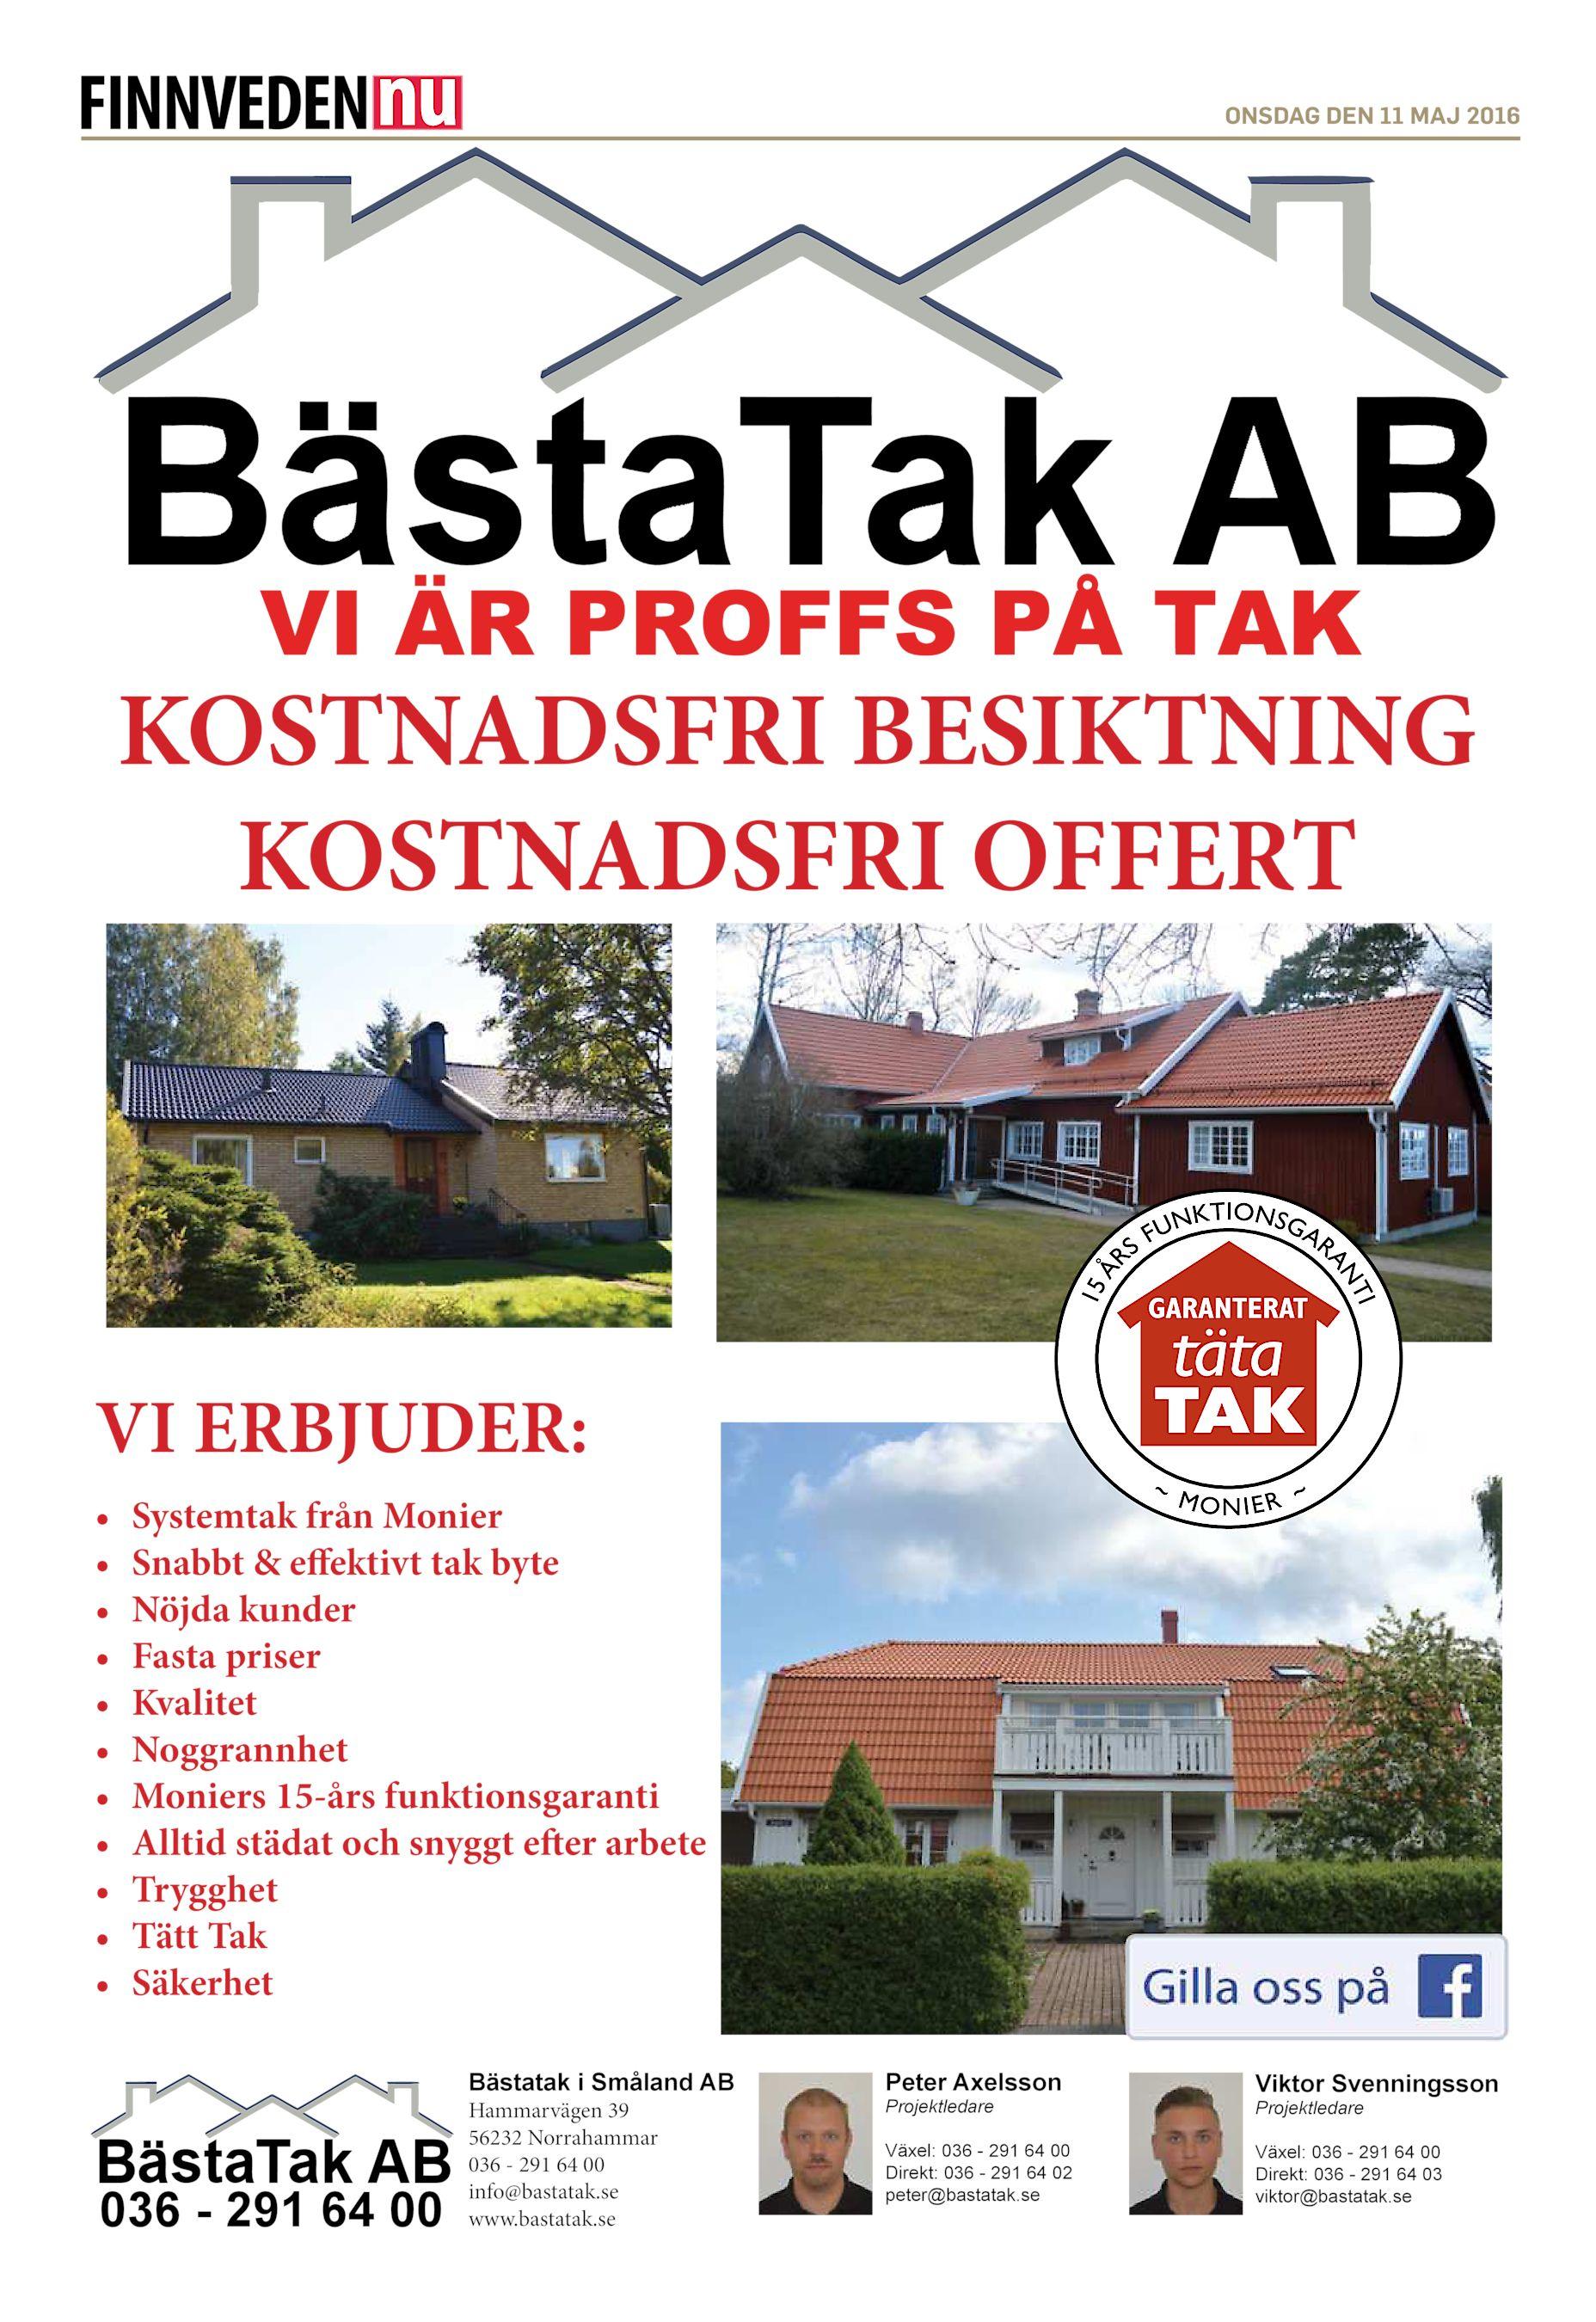 446 - Jnkpings OK - Orientering och Skidkning i Taberg